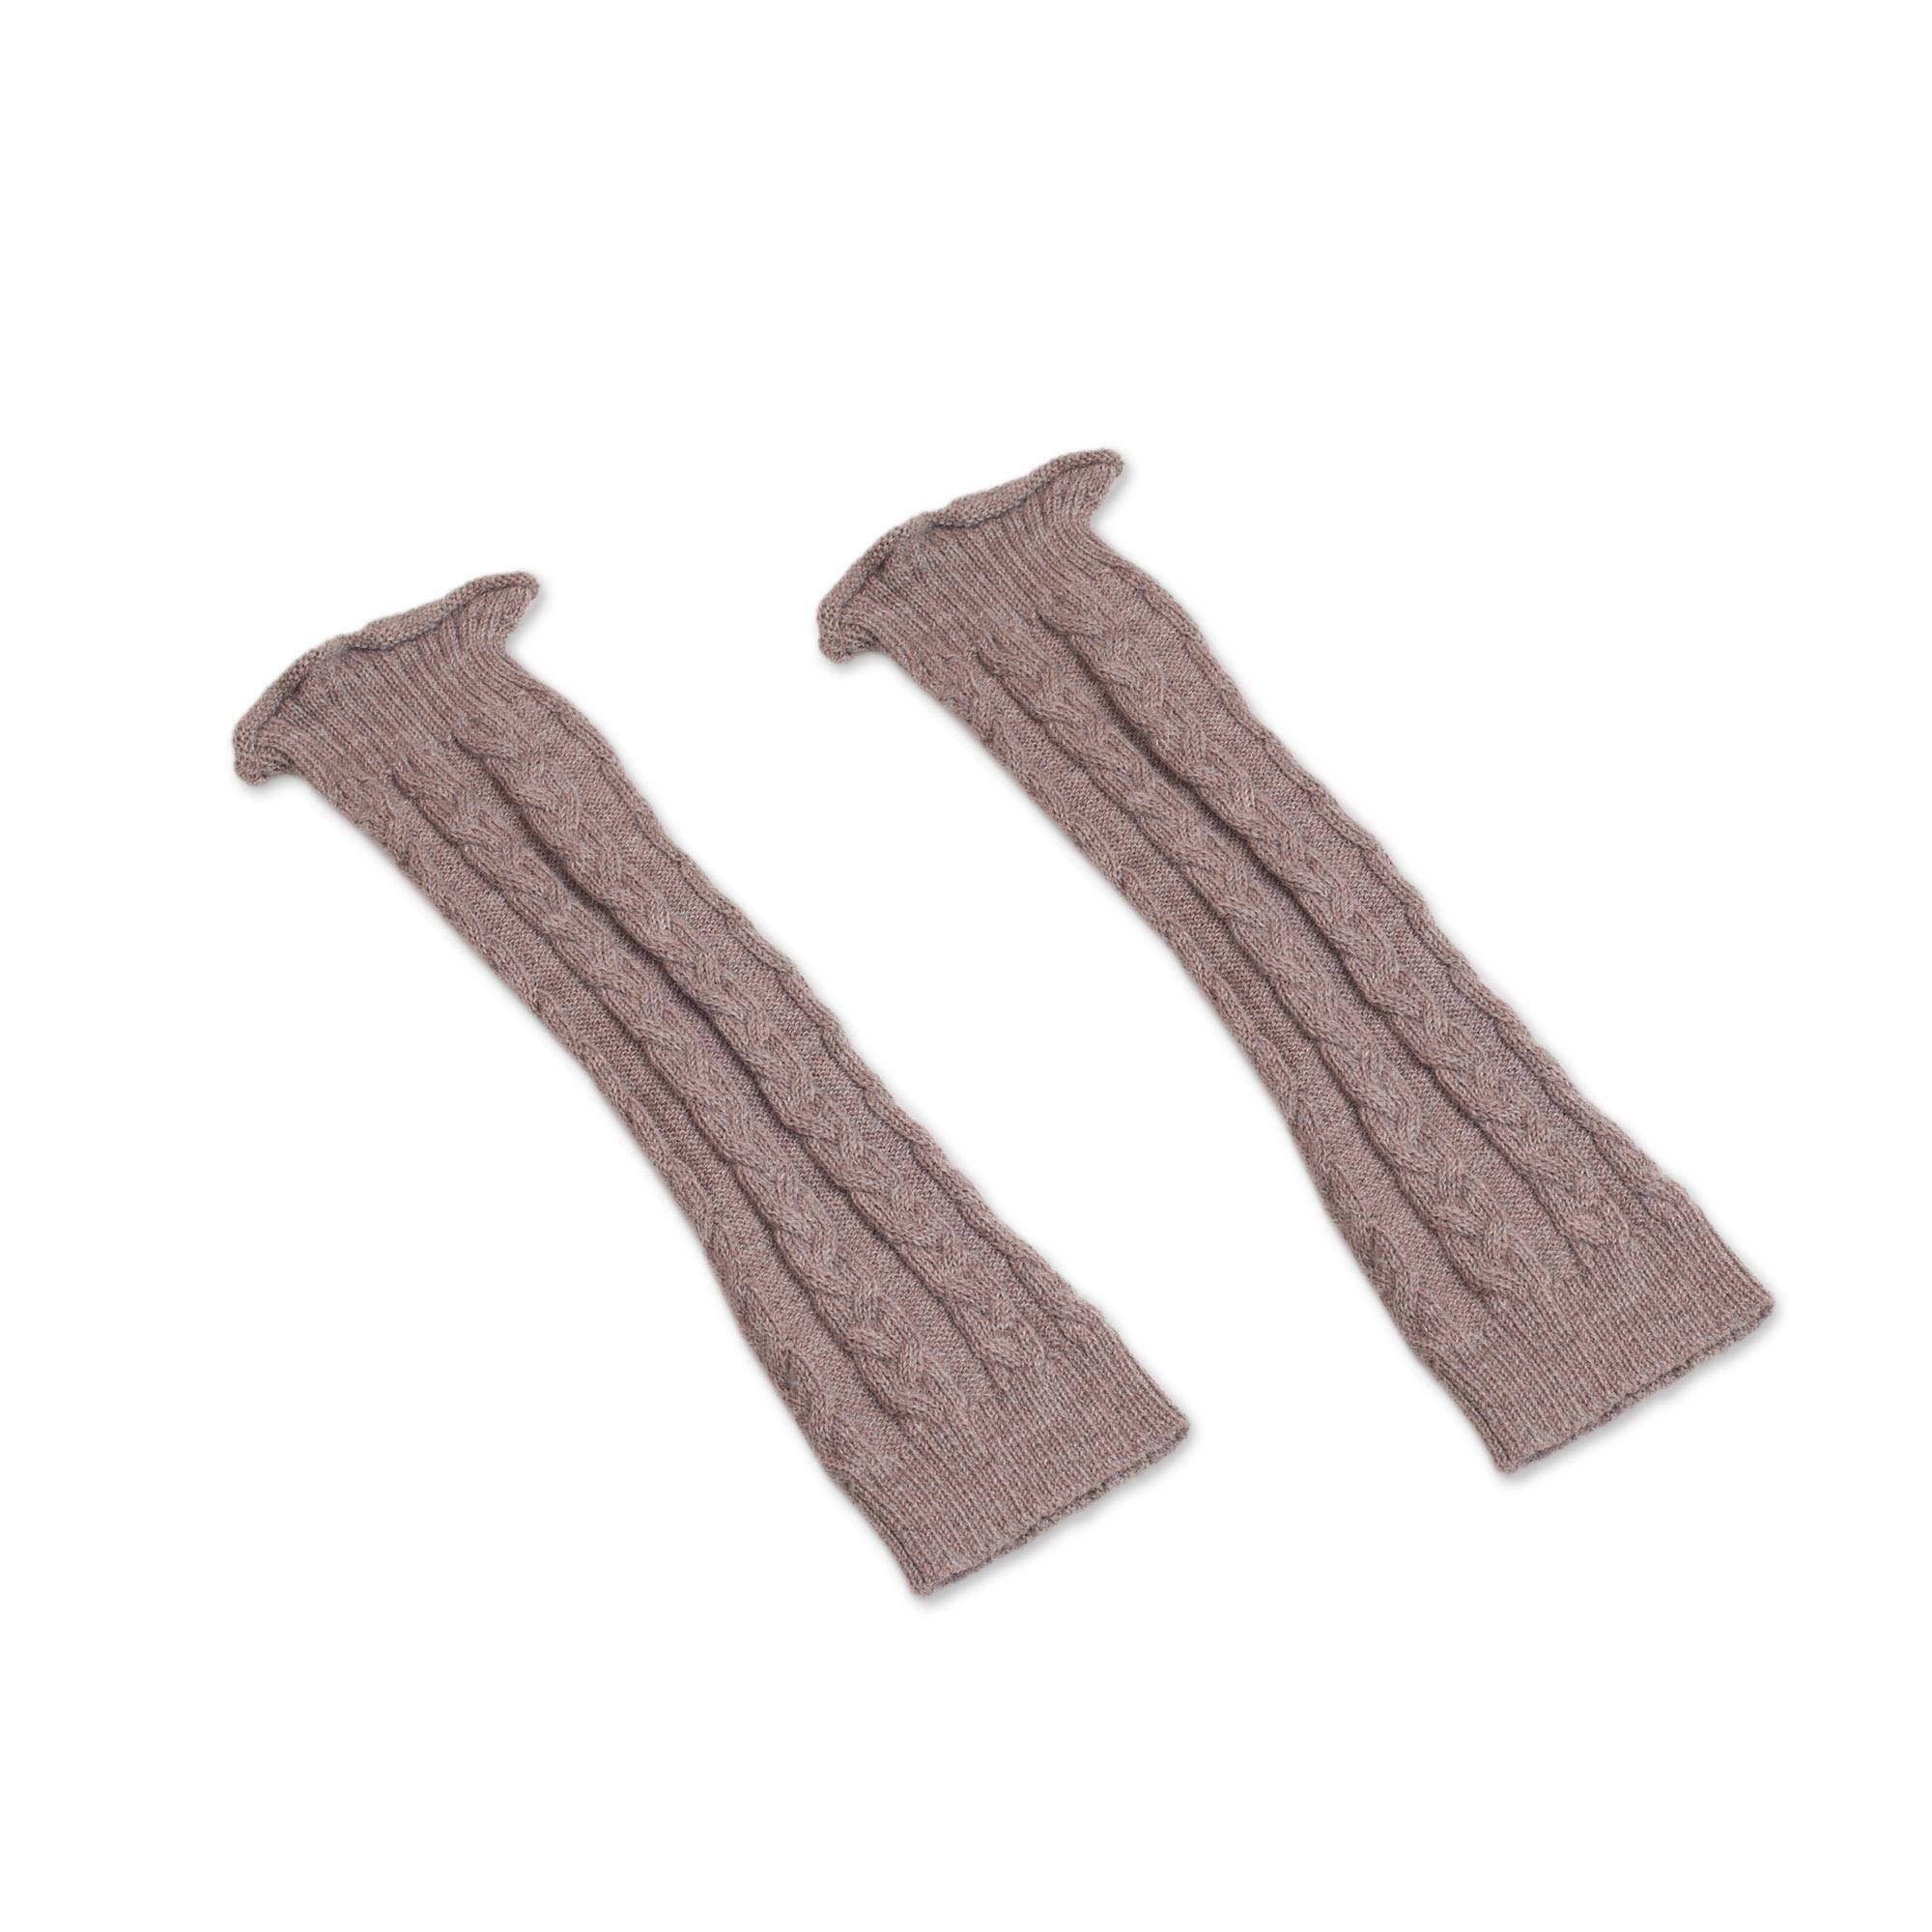 NOVICA Beige 100% Alpaca Leg Warmers, Cozy Cables in Mushroom' by NOVICA